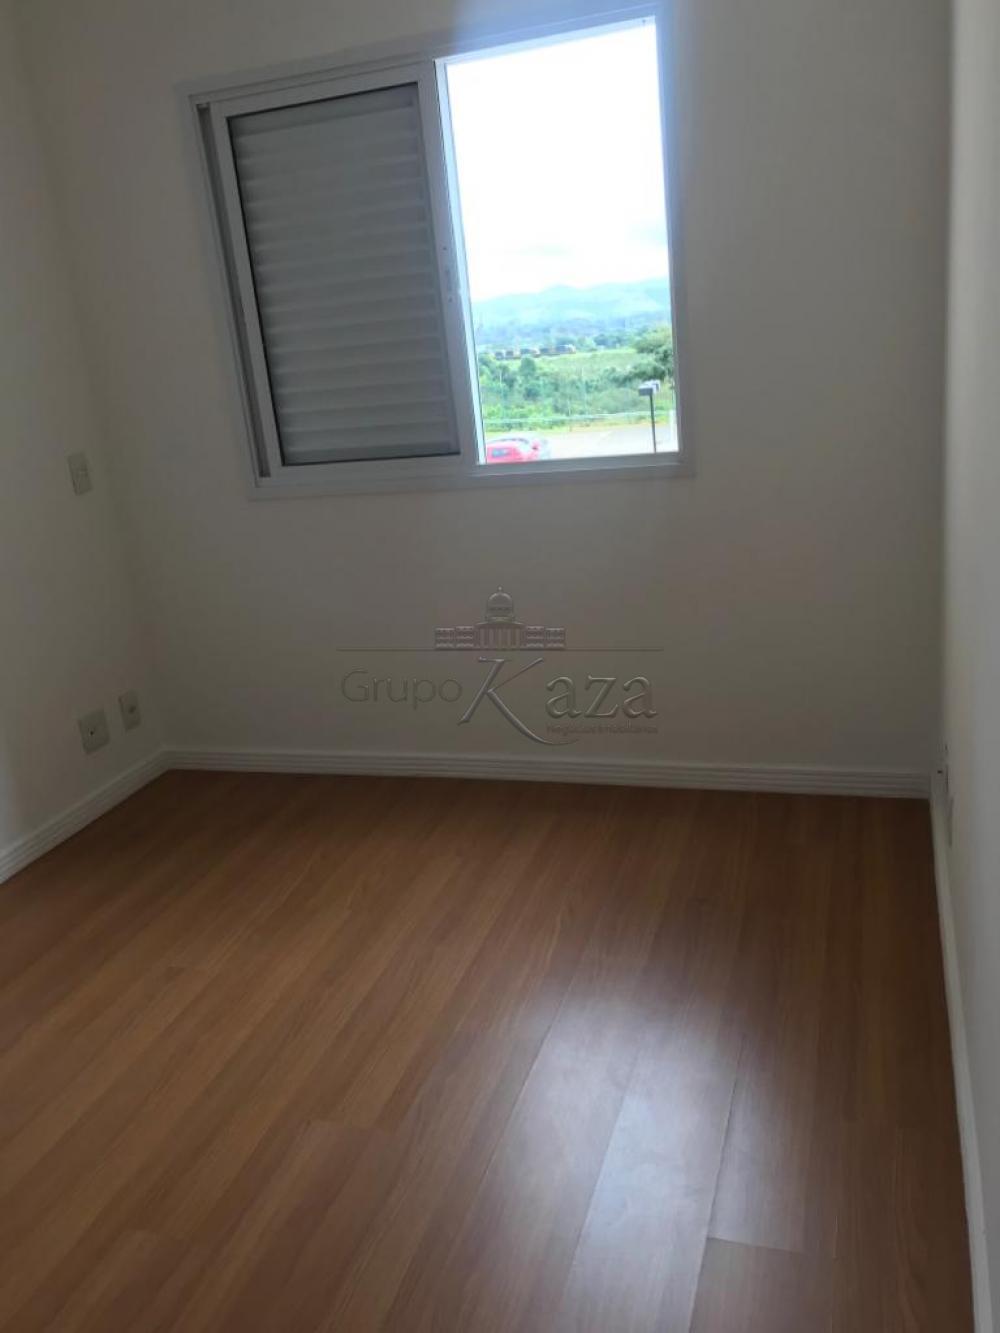 alt='Comprar Apartamento / Padrão em São José dos Campos R$ 350.000,00 - Foto 14' title='Comprar Apartamento / Padrão em São José dos Campos R$ 350.000,00 - Foto 14'